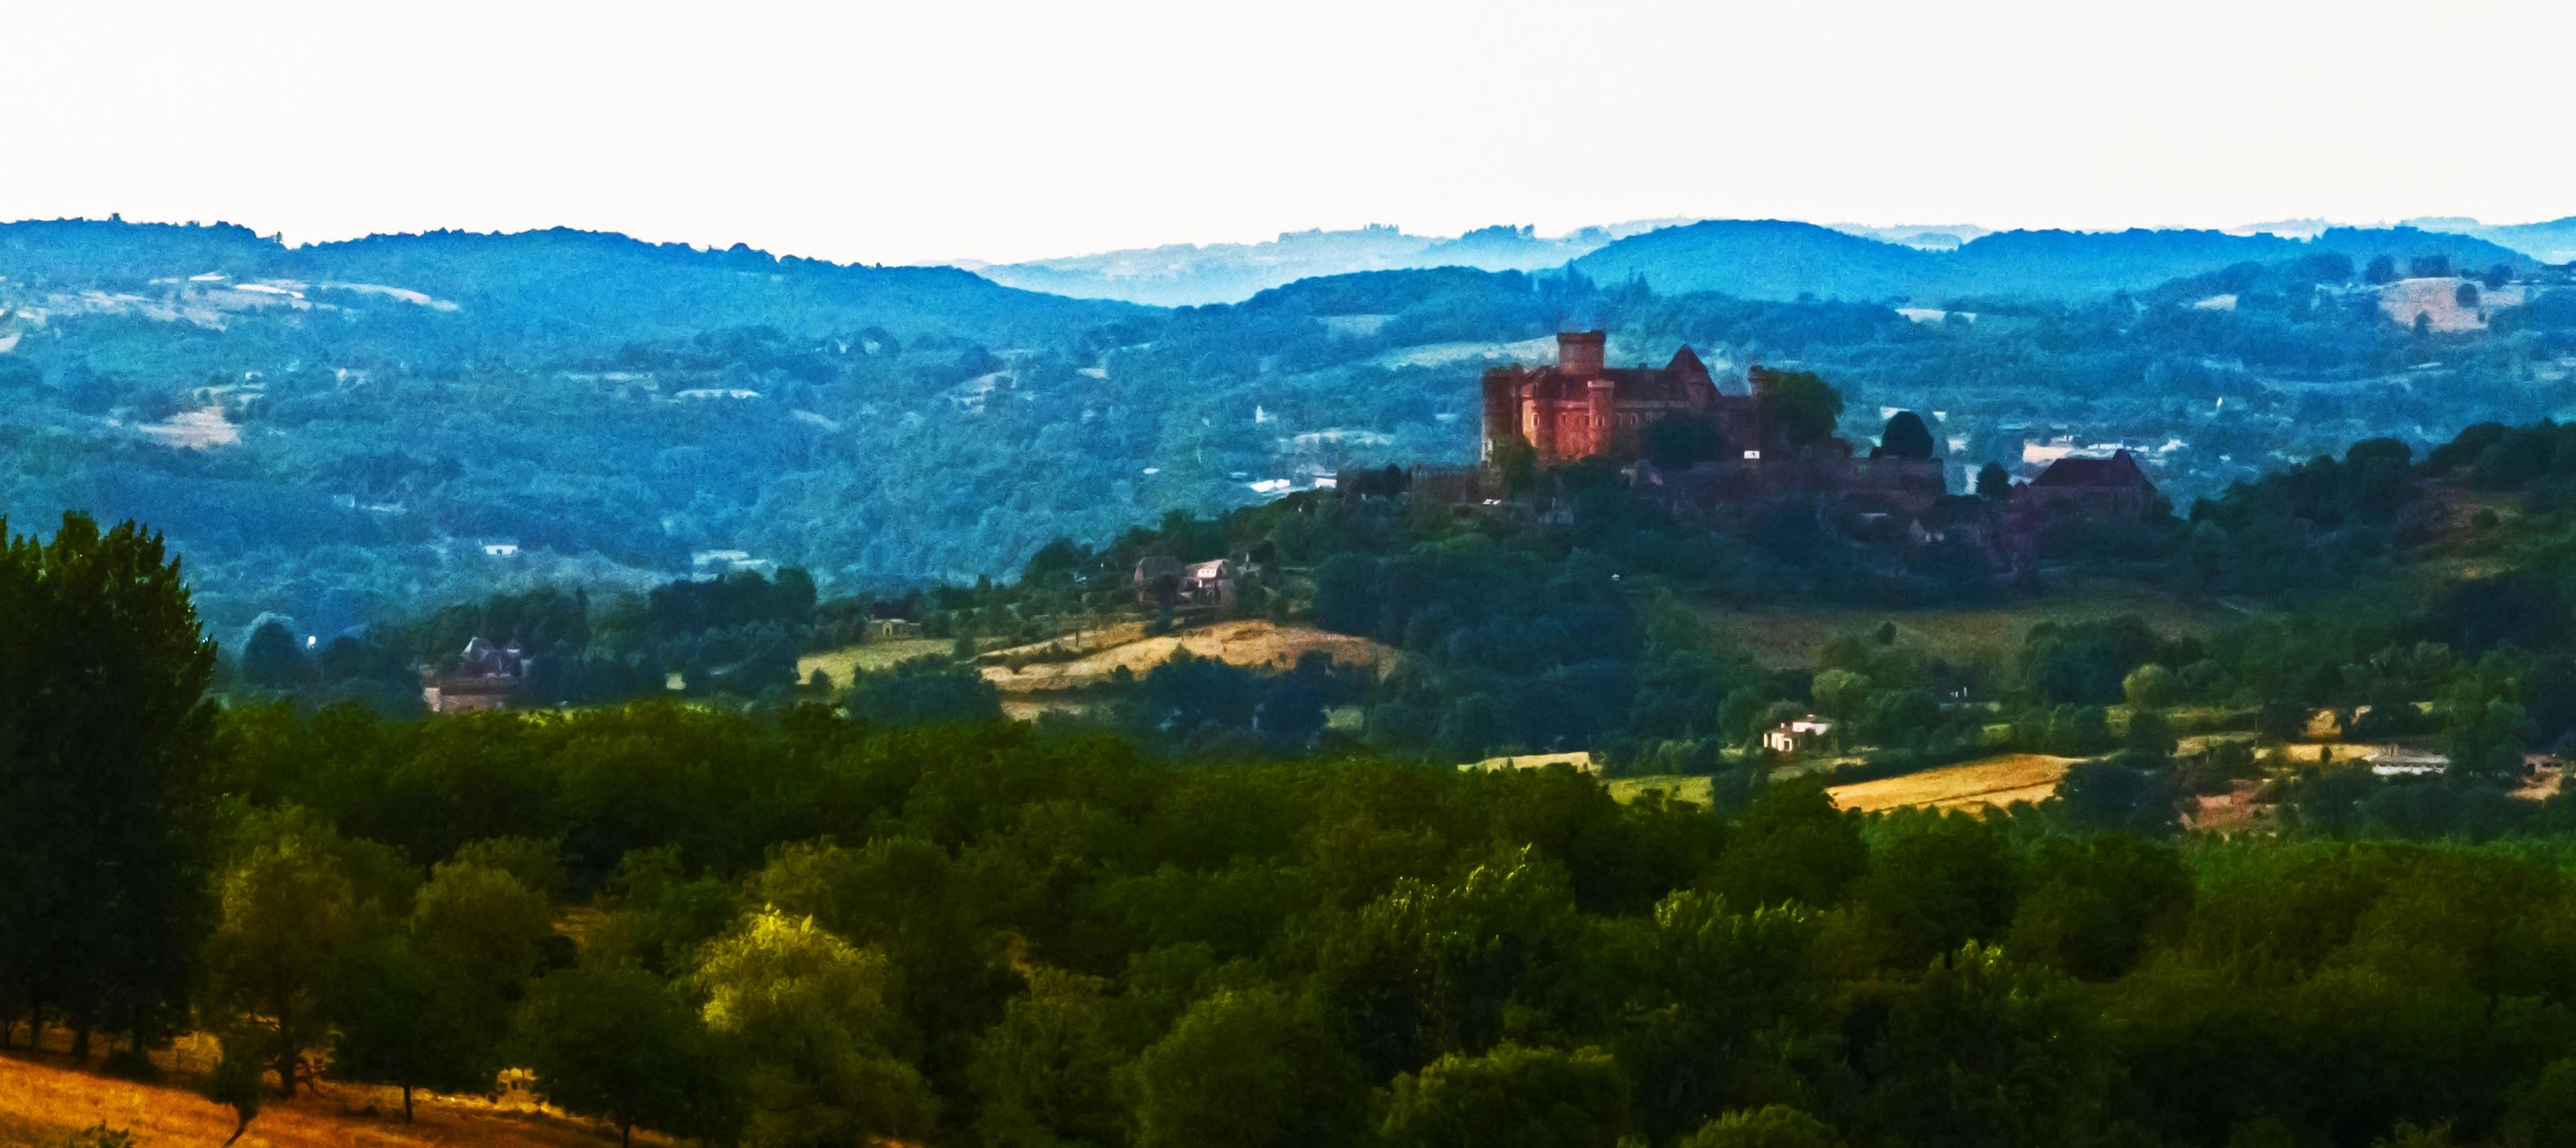 Architecte Paysagiste Midi Pyrénées free images : landscape, photography, meadow, chateau